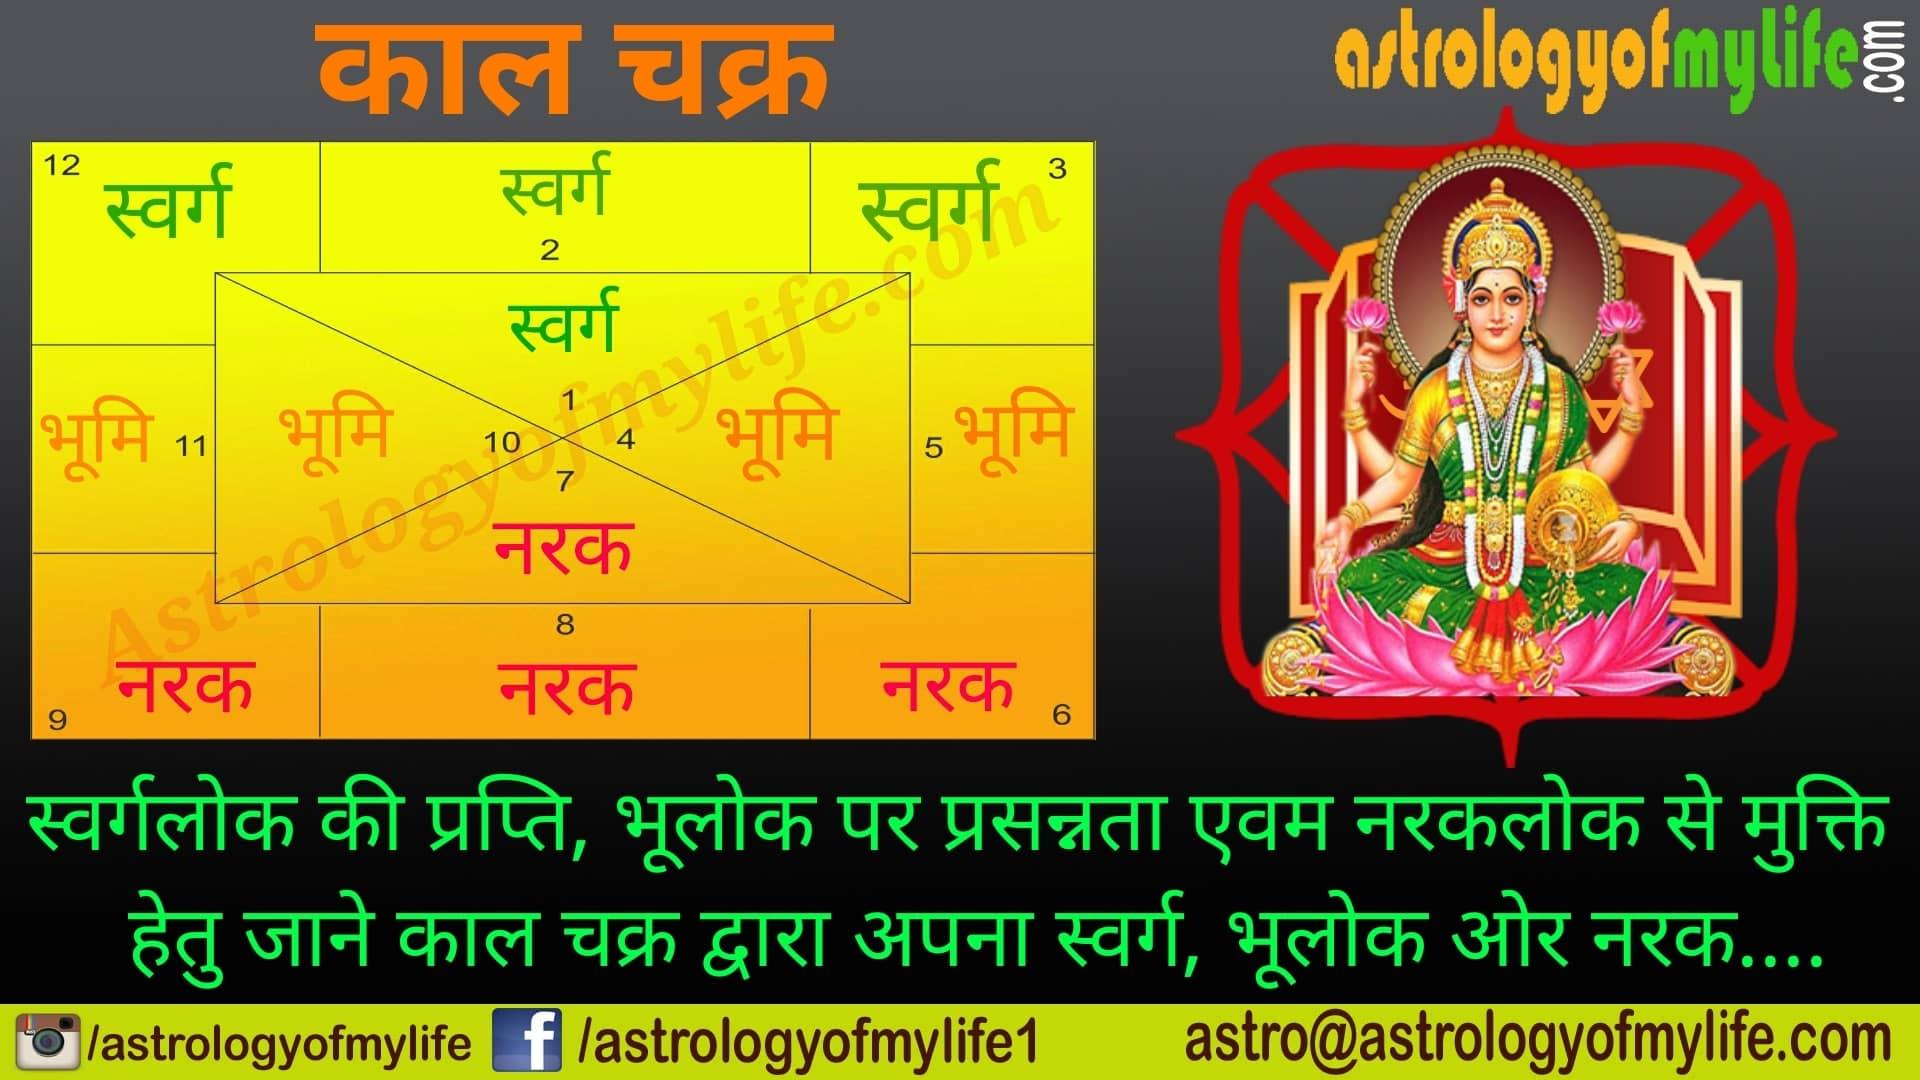 2 अक्टूबर को करें हाथी पर बैठी देवी महालक्ष्मी की पूजा, बोलें लक्ष्मीजी के 8 नाम, घर में बनी रहेगी सुख-समृद्धि